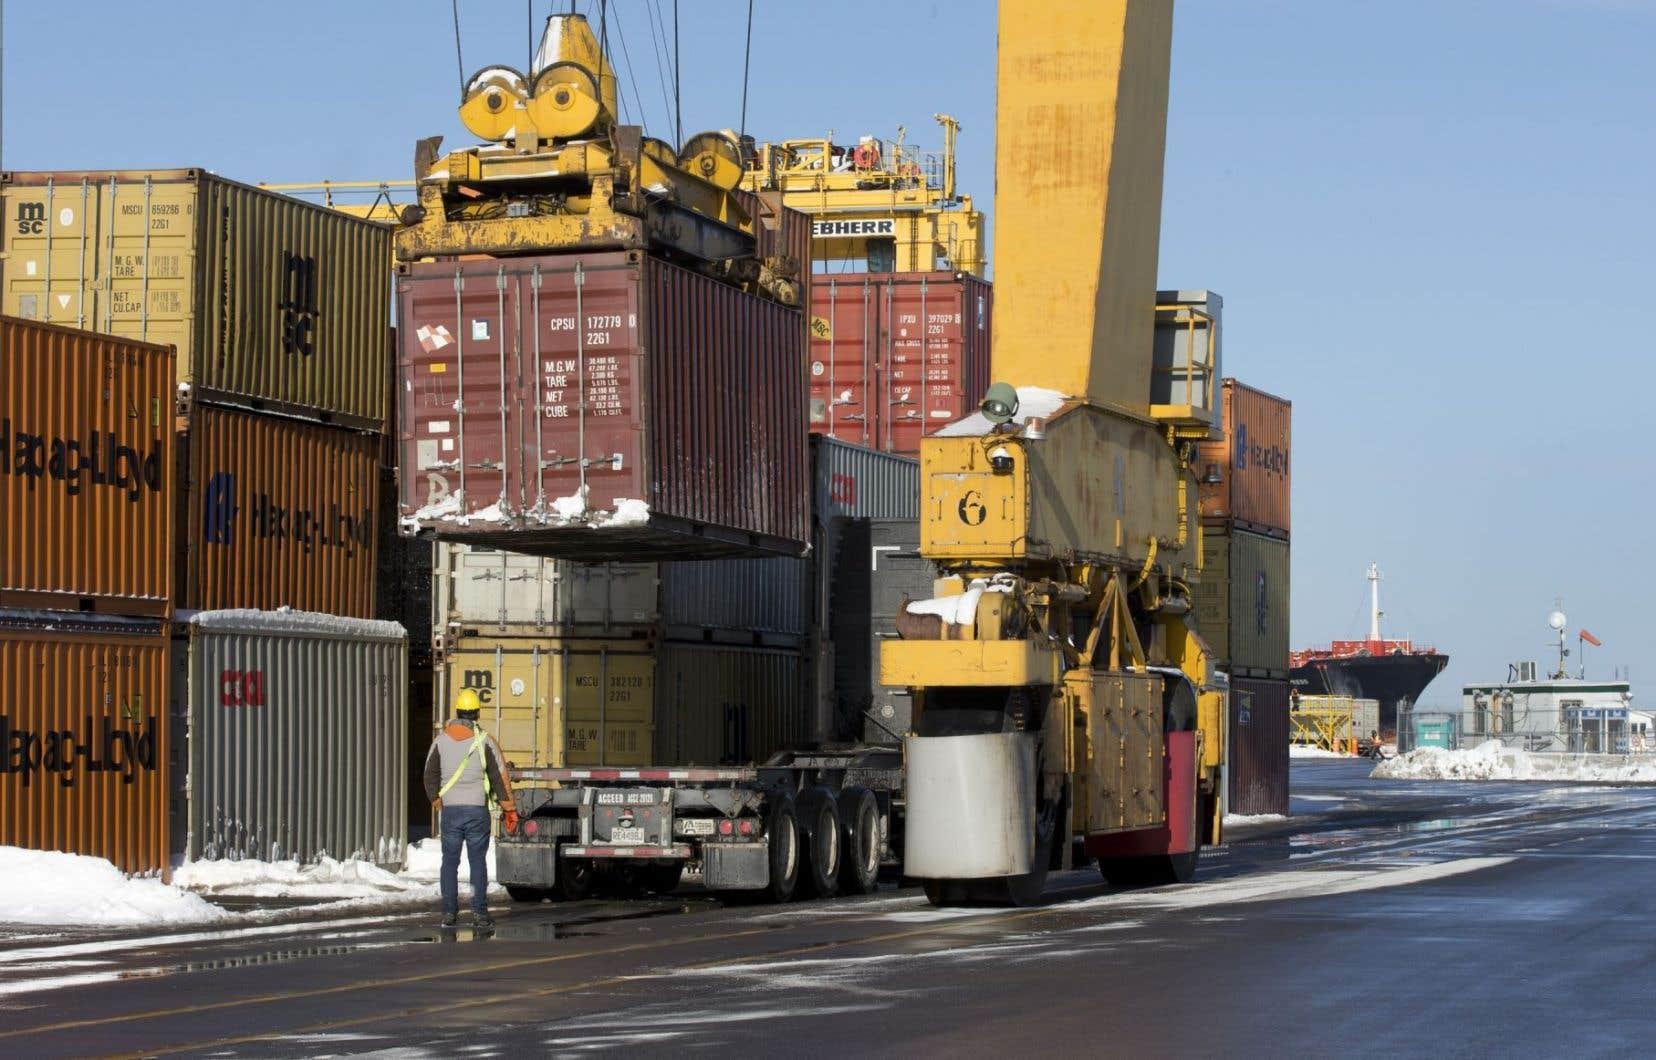 Environ 75% des produits exportés par des entreprises canadiennes en 2015 l'ont été à destination des États-Unis.